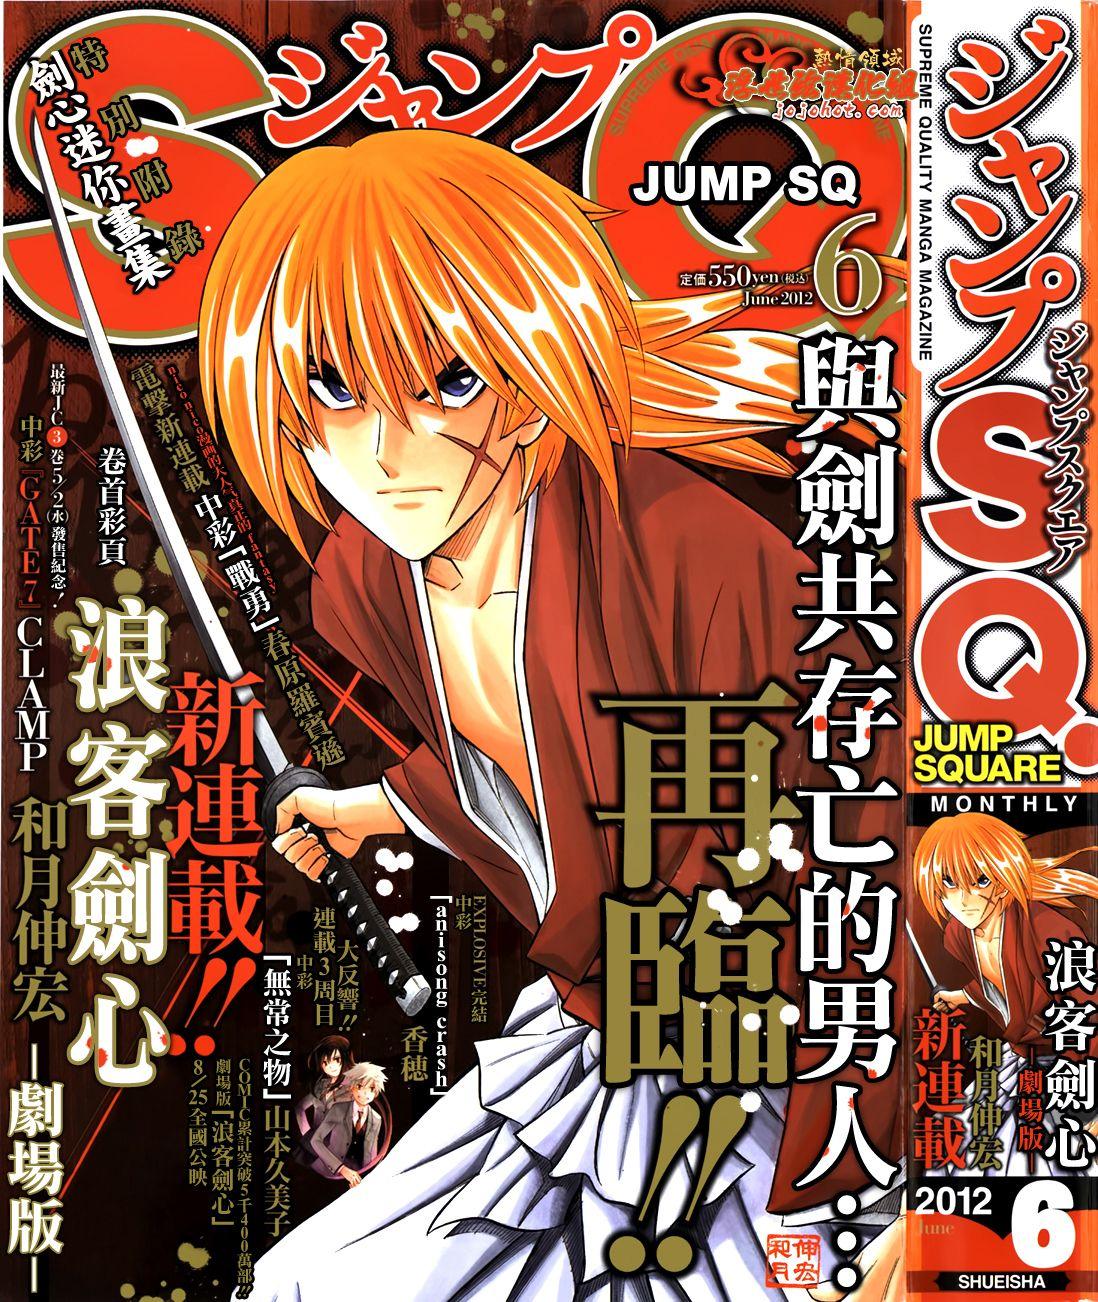 Rurouni KenshinKinemaban rewrite of the original story